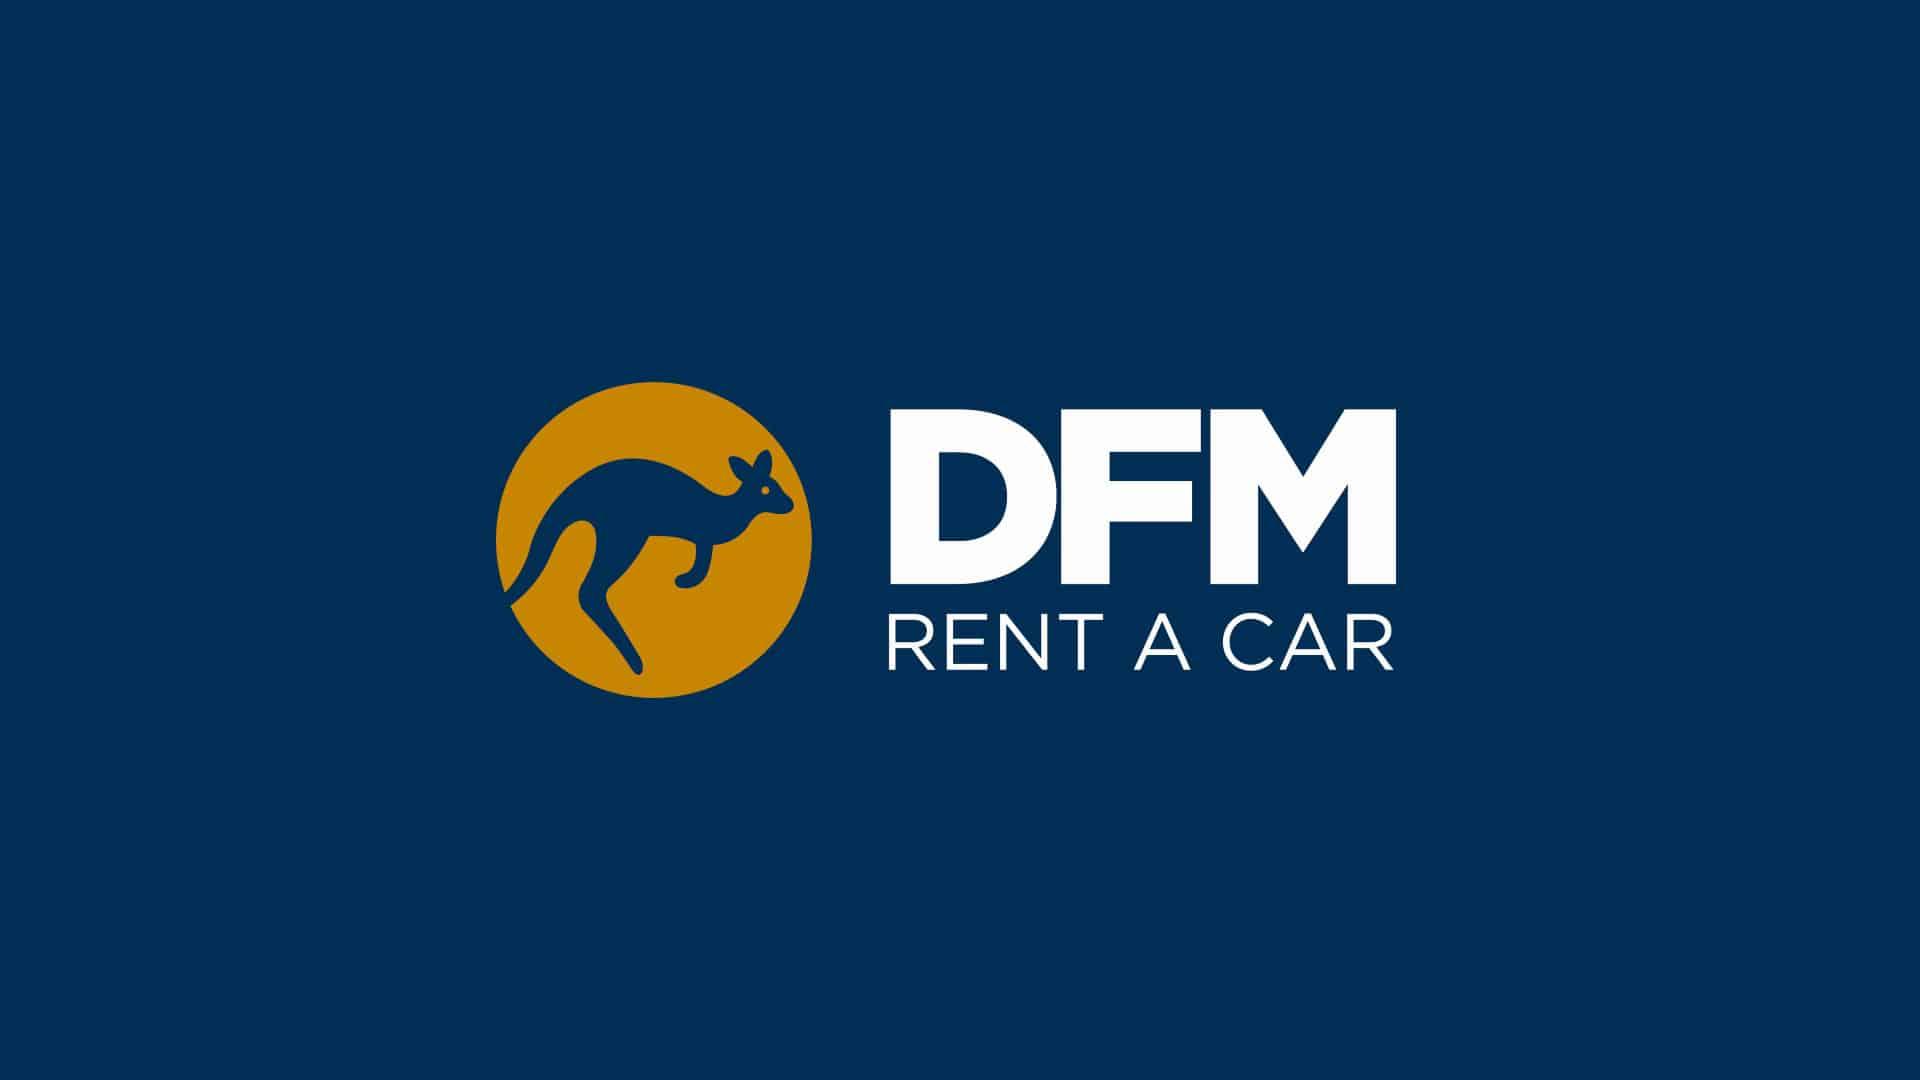 cliente dfm